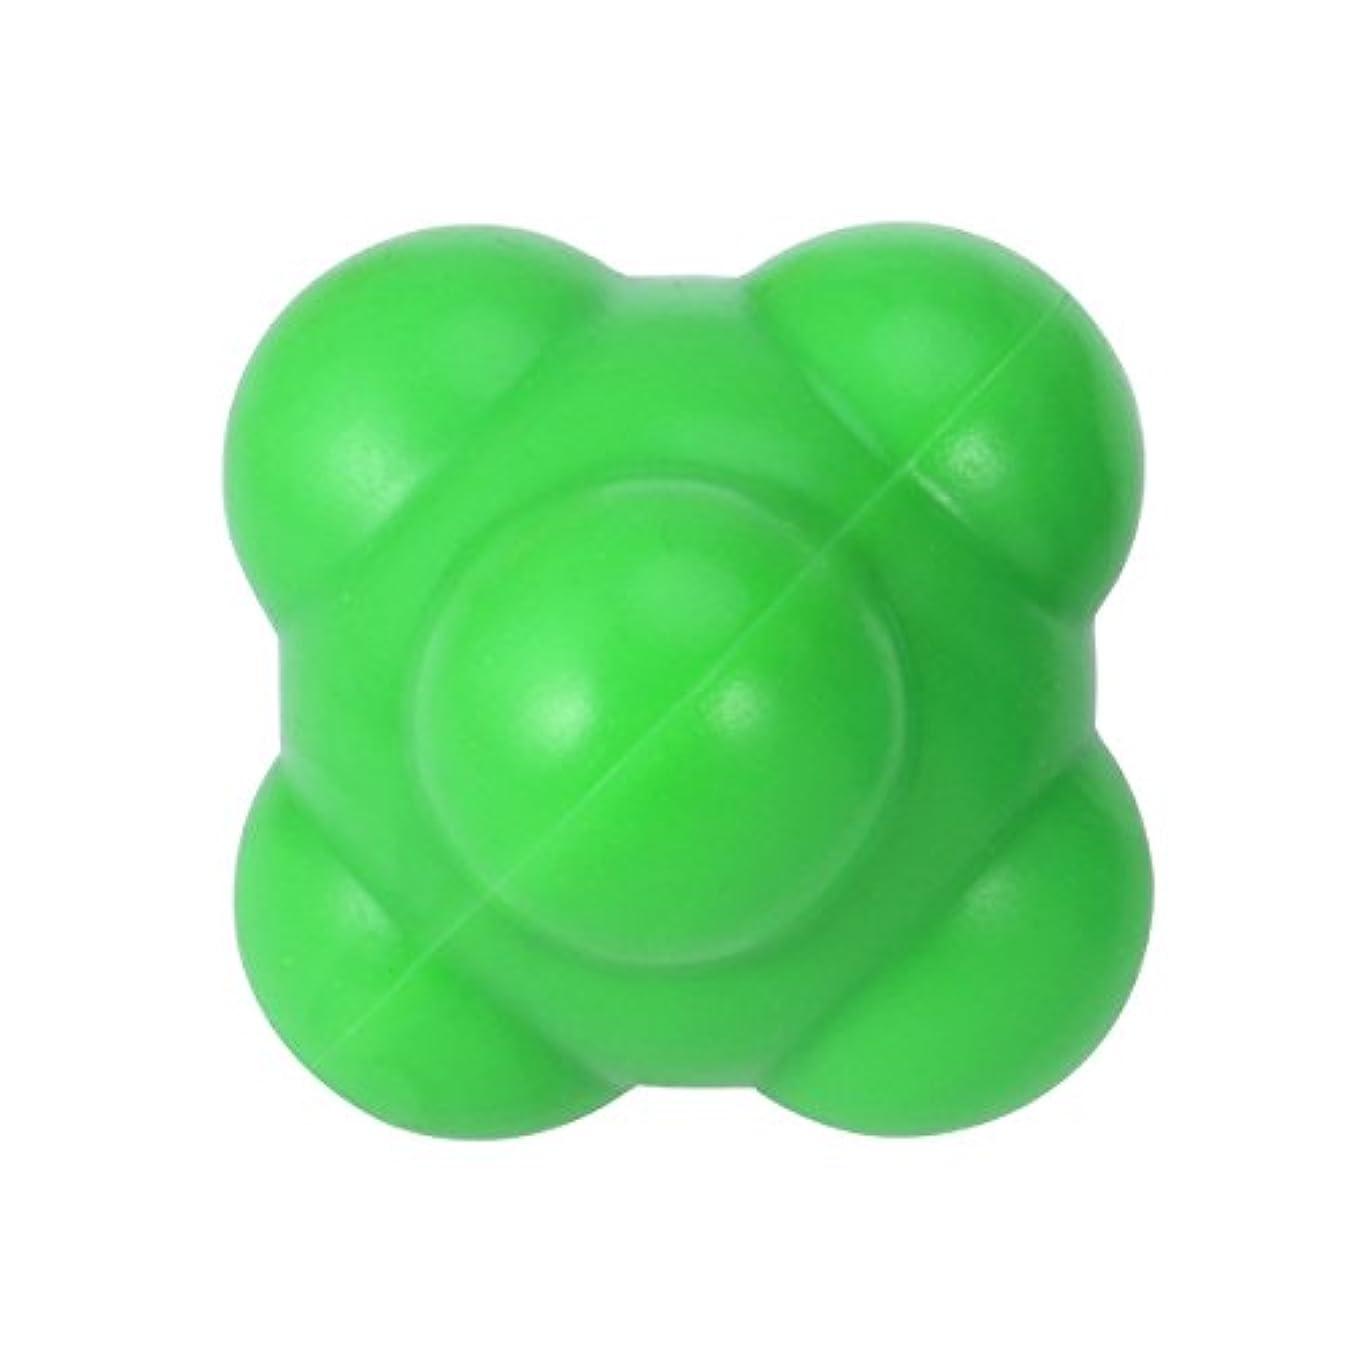 証拠朝ごはん名誉あるSUPVOX 反応ボール 敏捷性とスピードハンドアイ調整(グリーン)